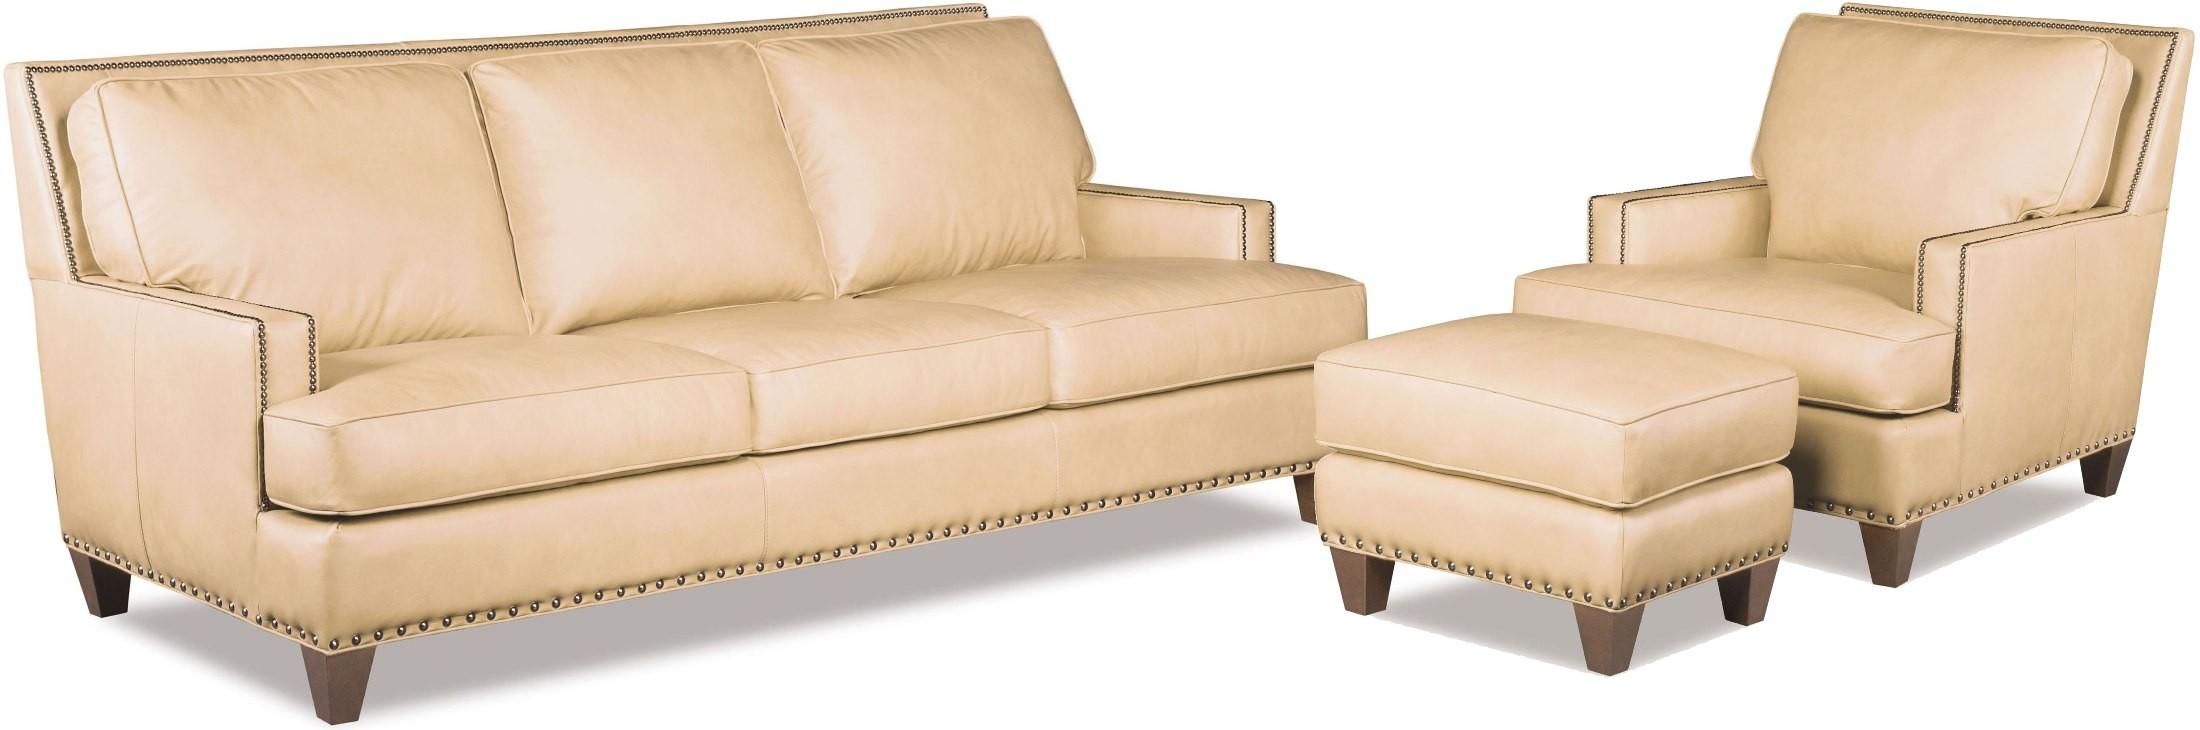 Hester Beige Living Room Set Ss336 03 084 Hooker Furniture